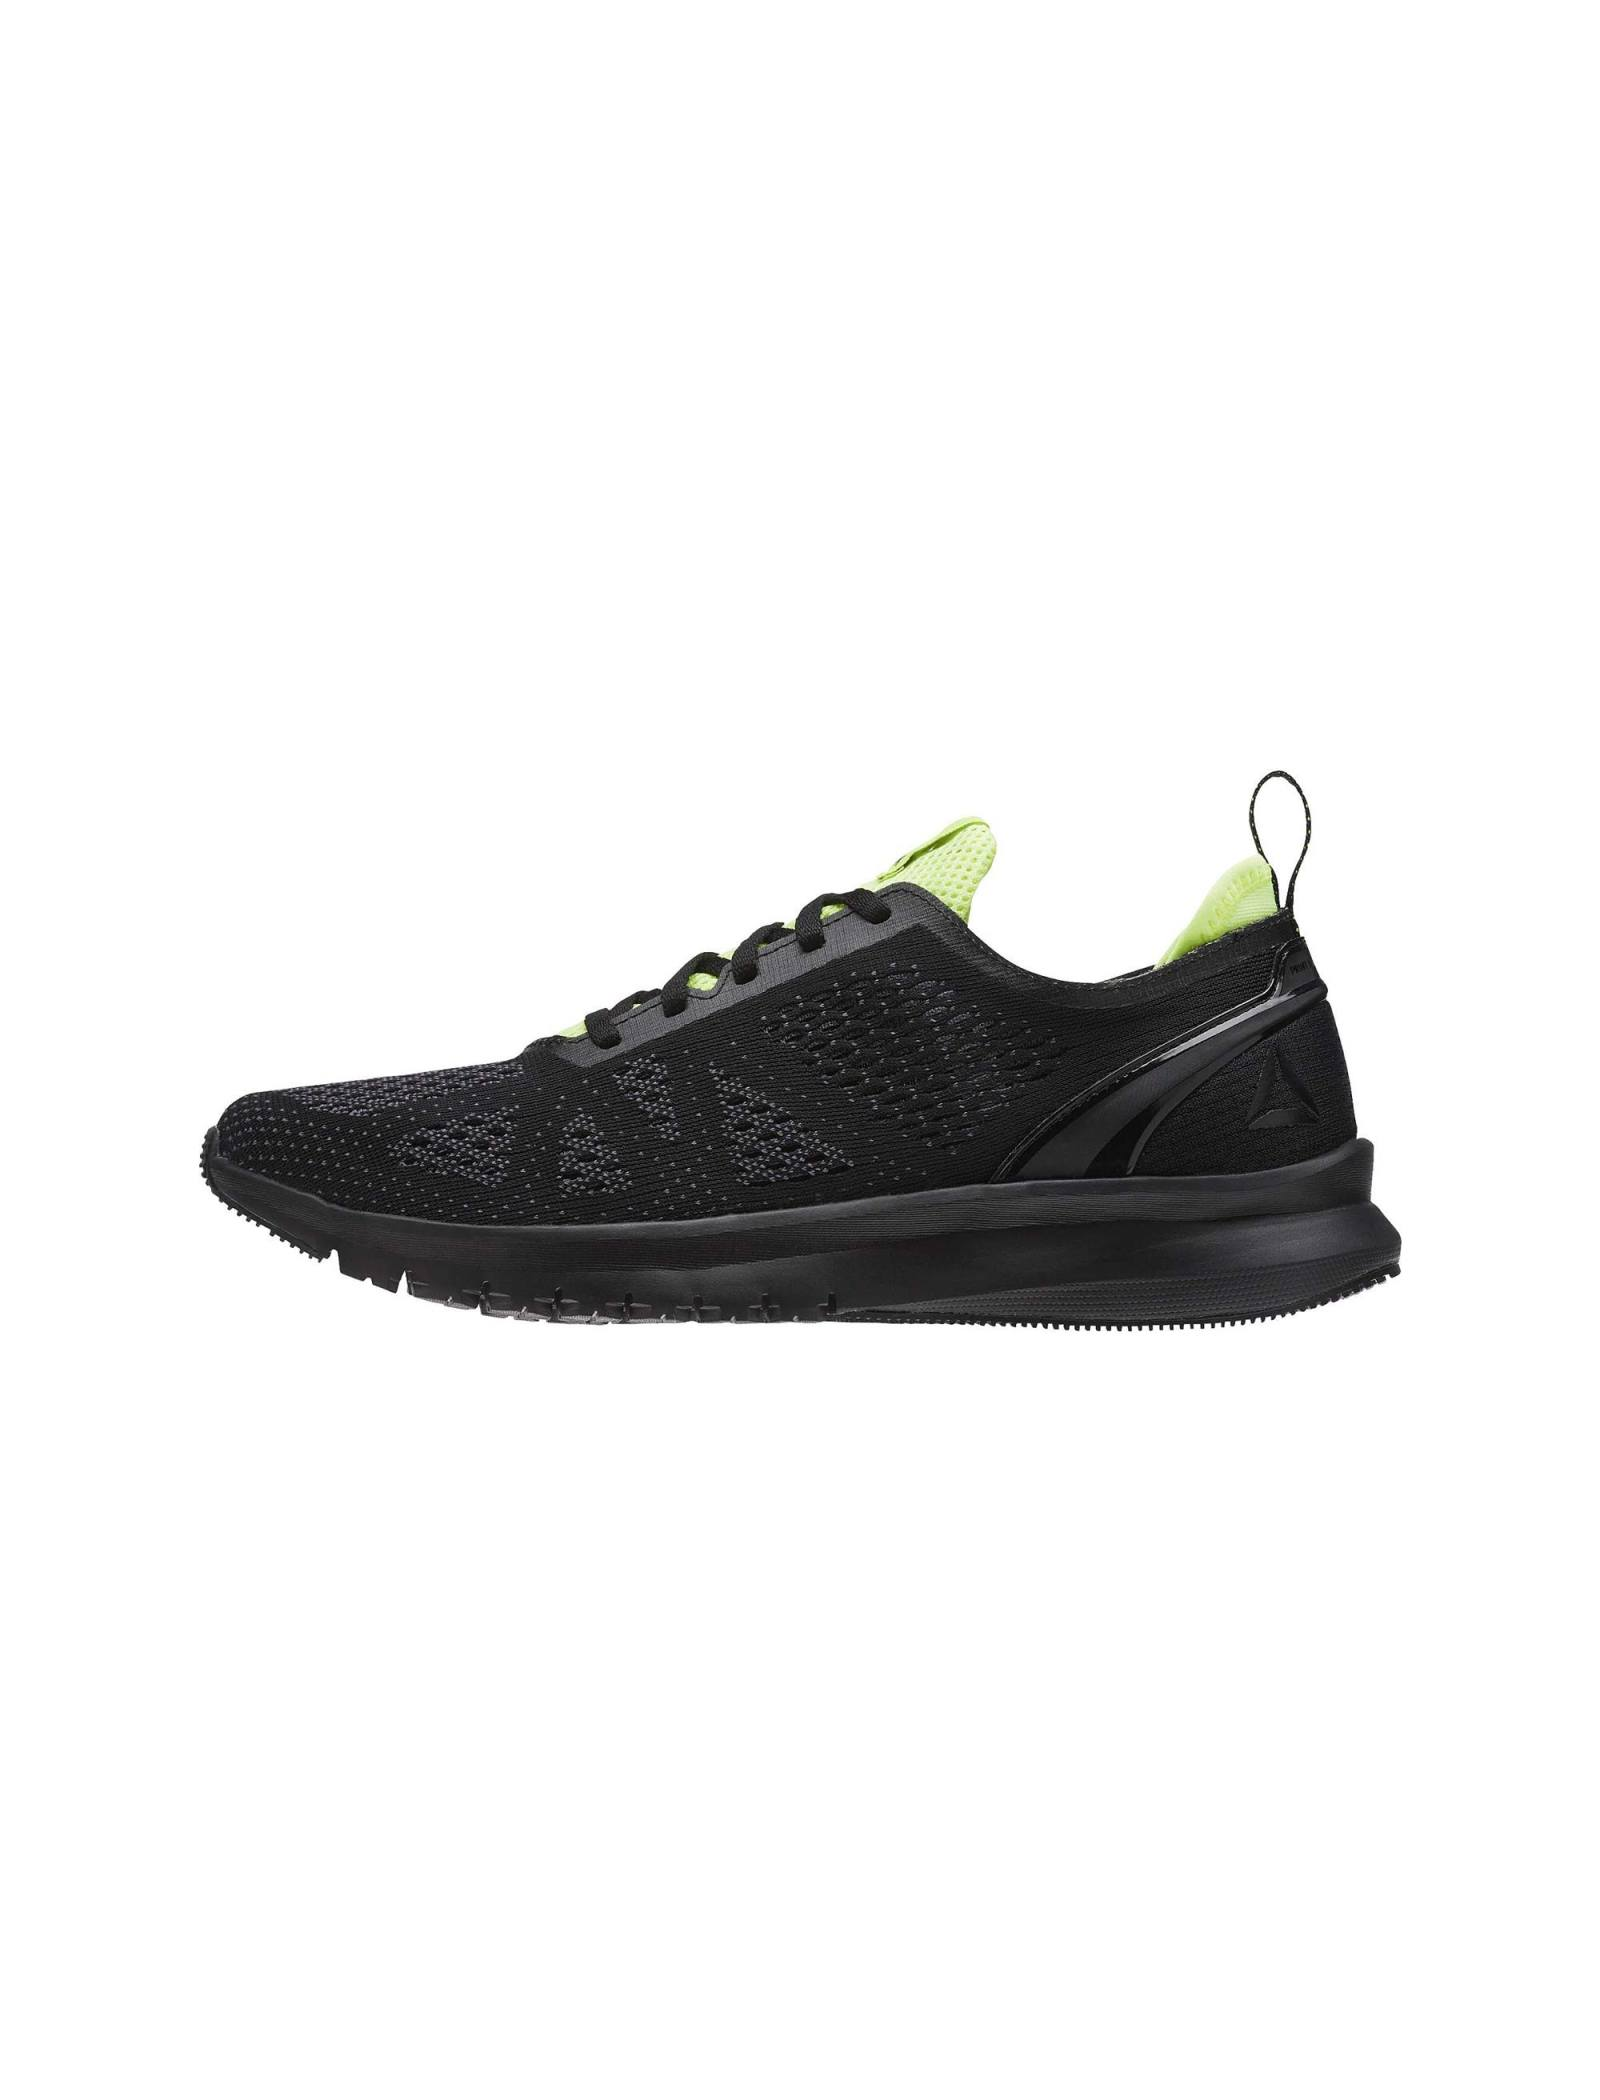 کفش مخصوص دویدن مردانه ریباک مدل Smooth Clip Ultraknit - مشکي - 3